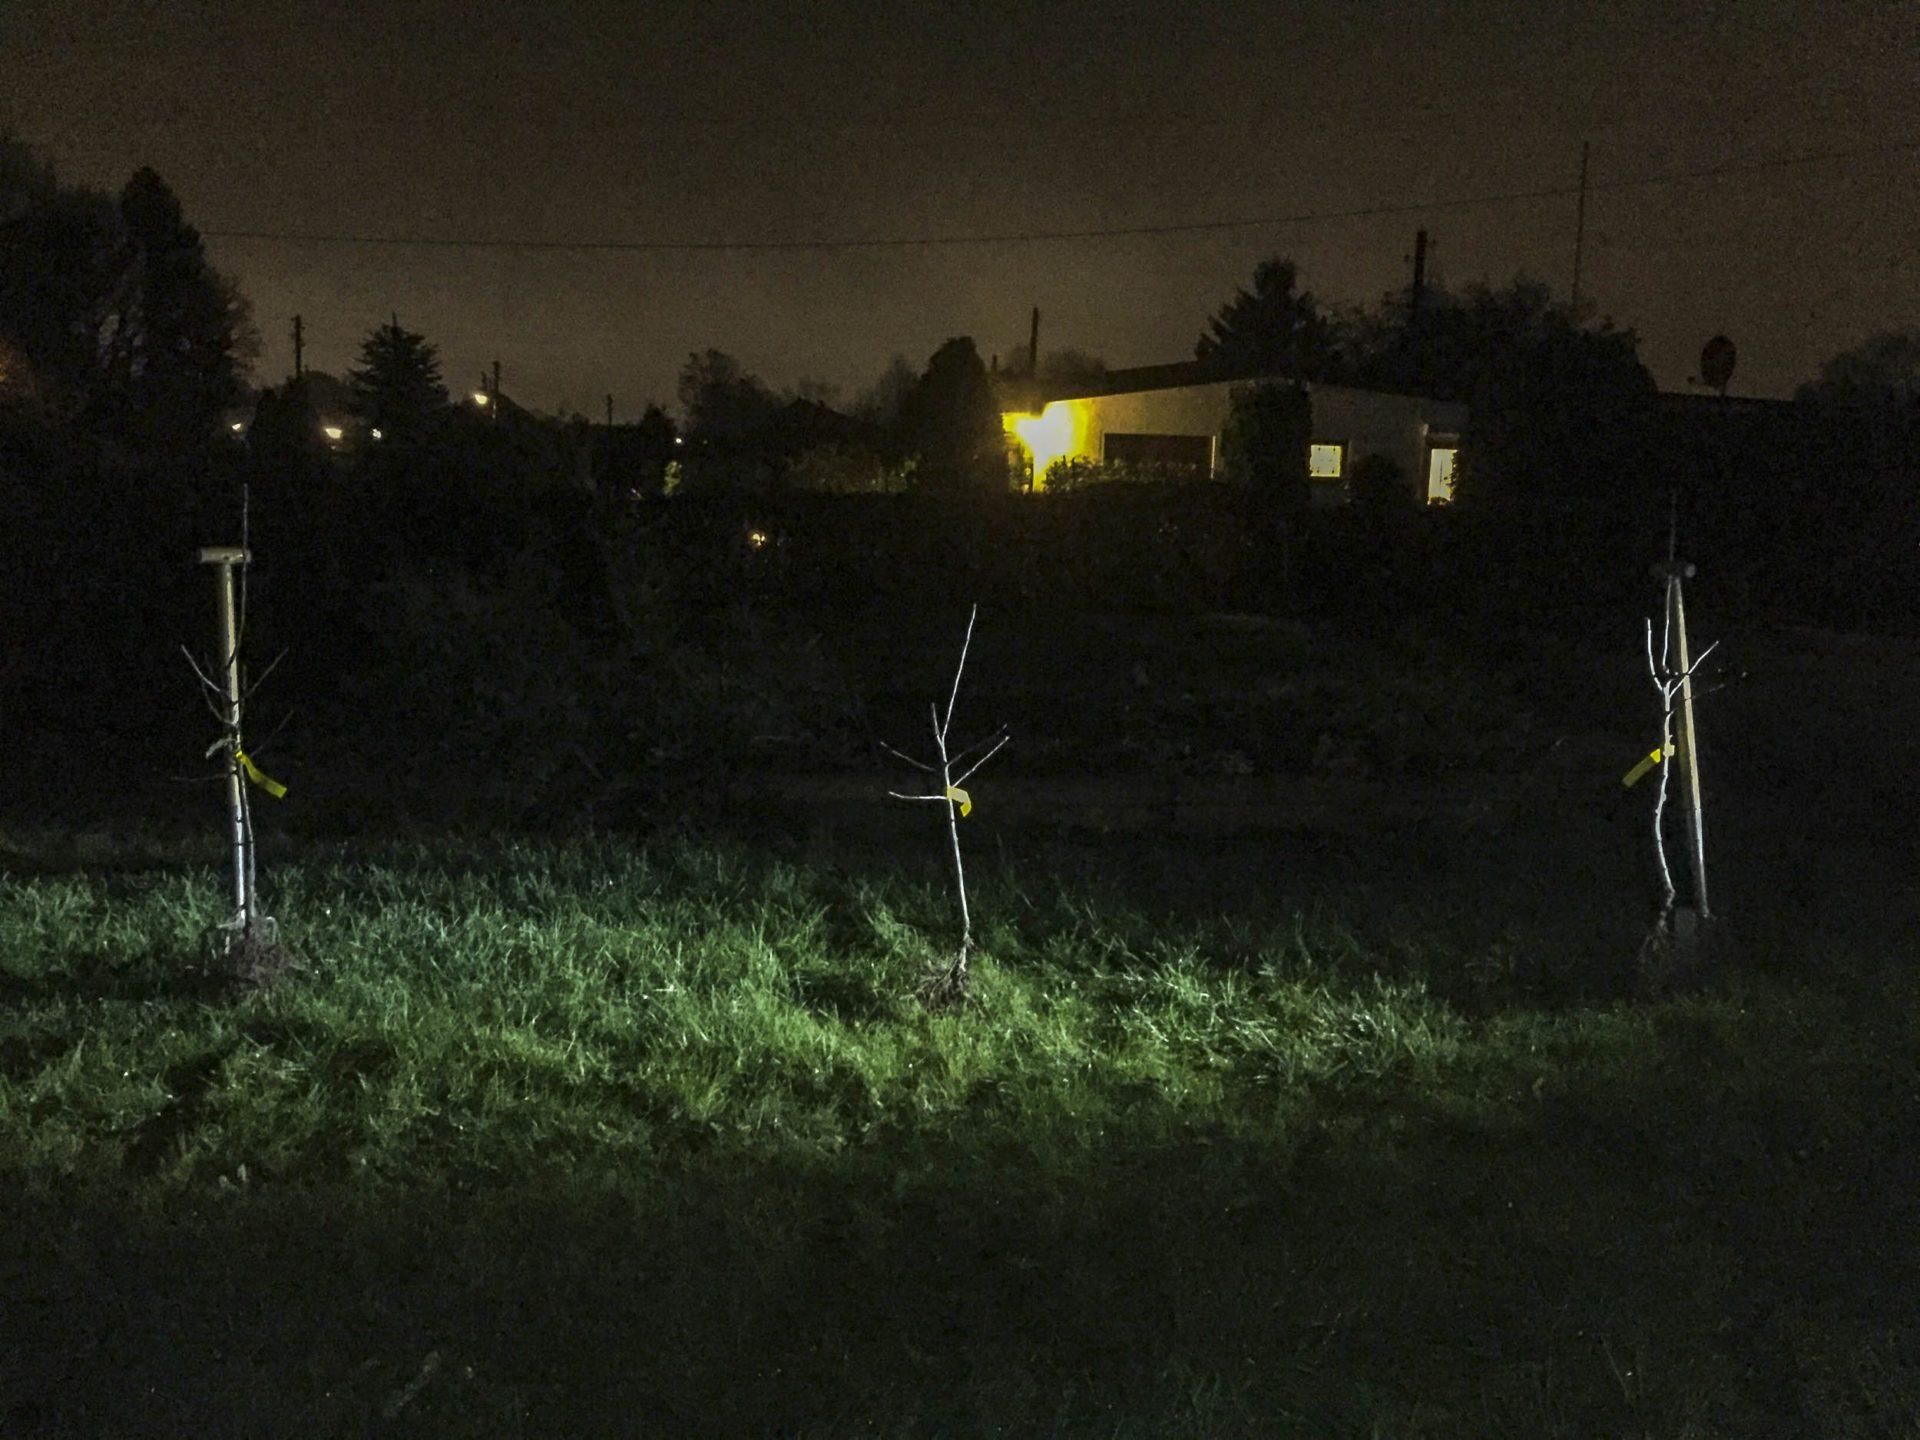 Apfelbäume pflanzen: Eine Hecke aus Apfelbäumen in Busch-Höhe steht auf einem Rasen in der Dunkelheit.